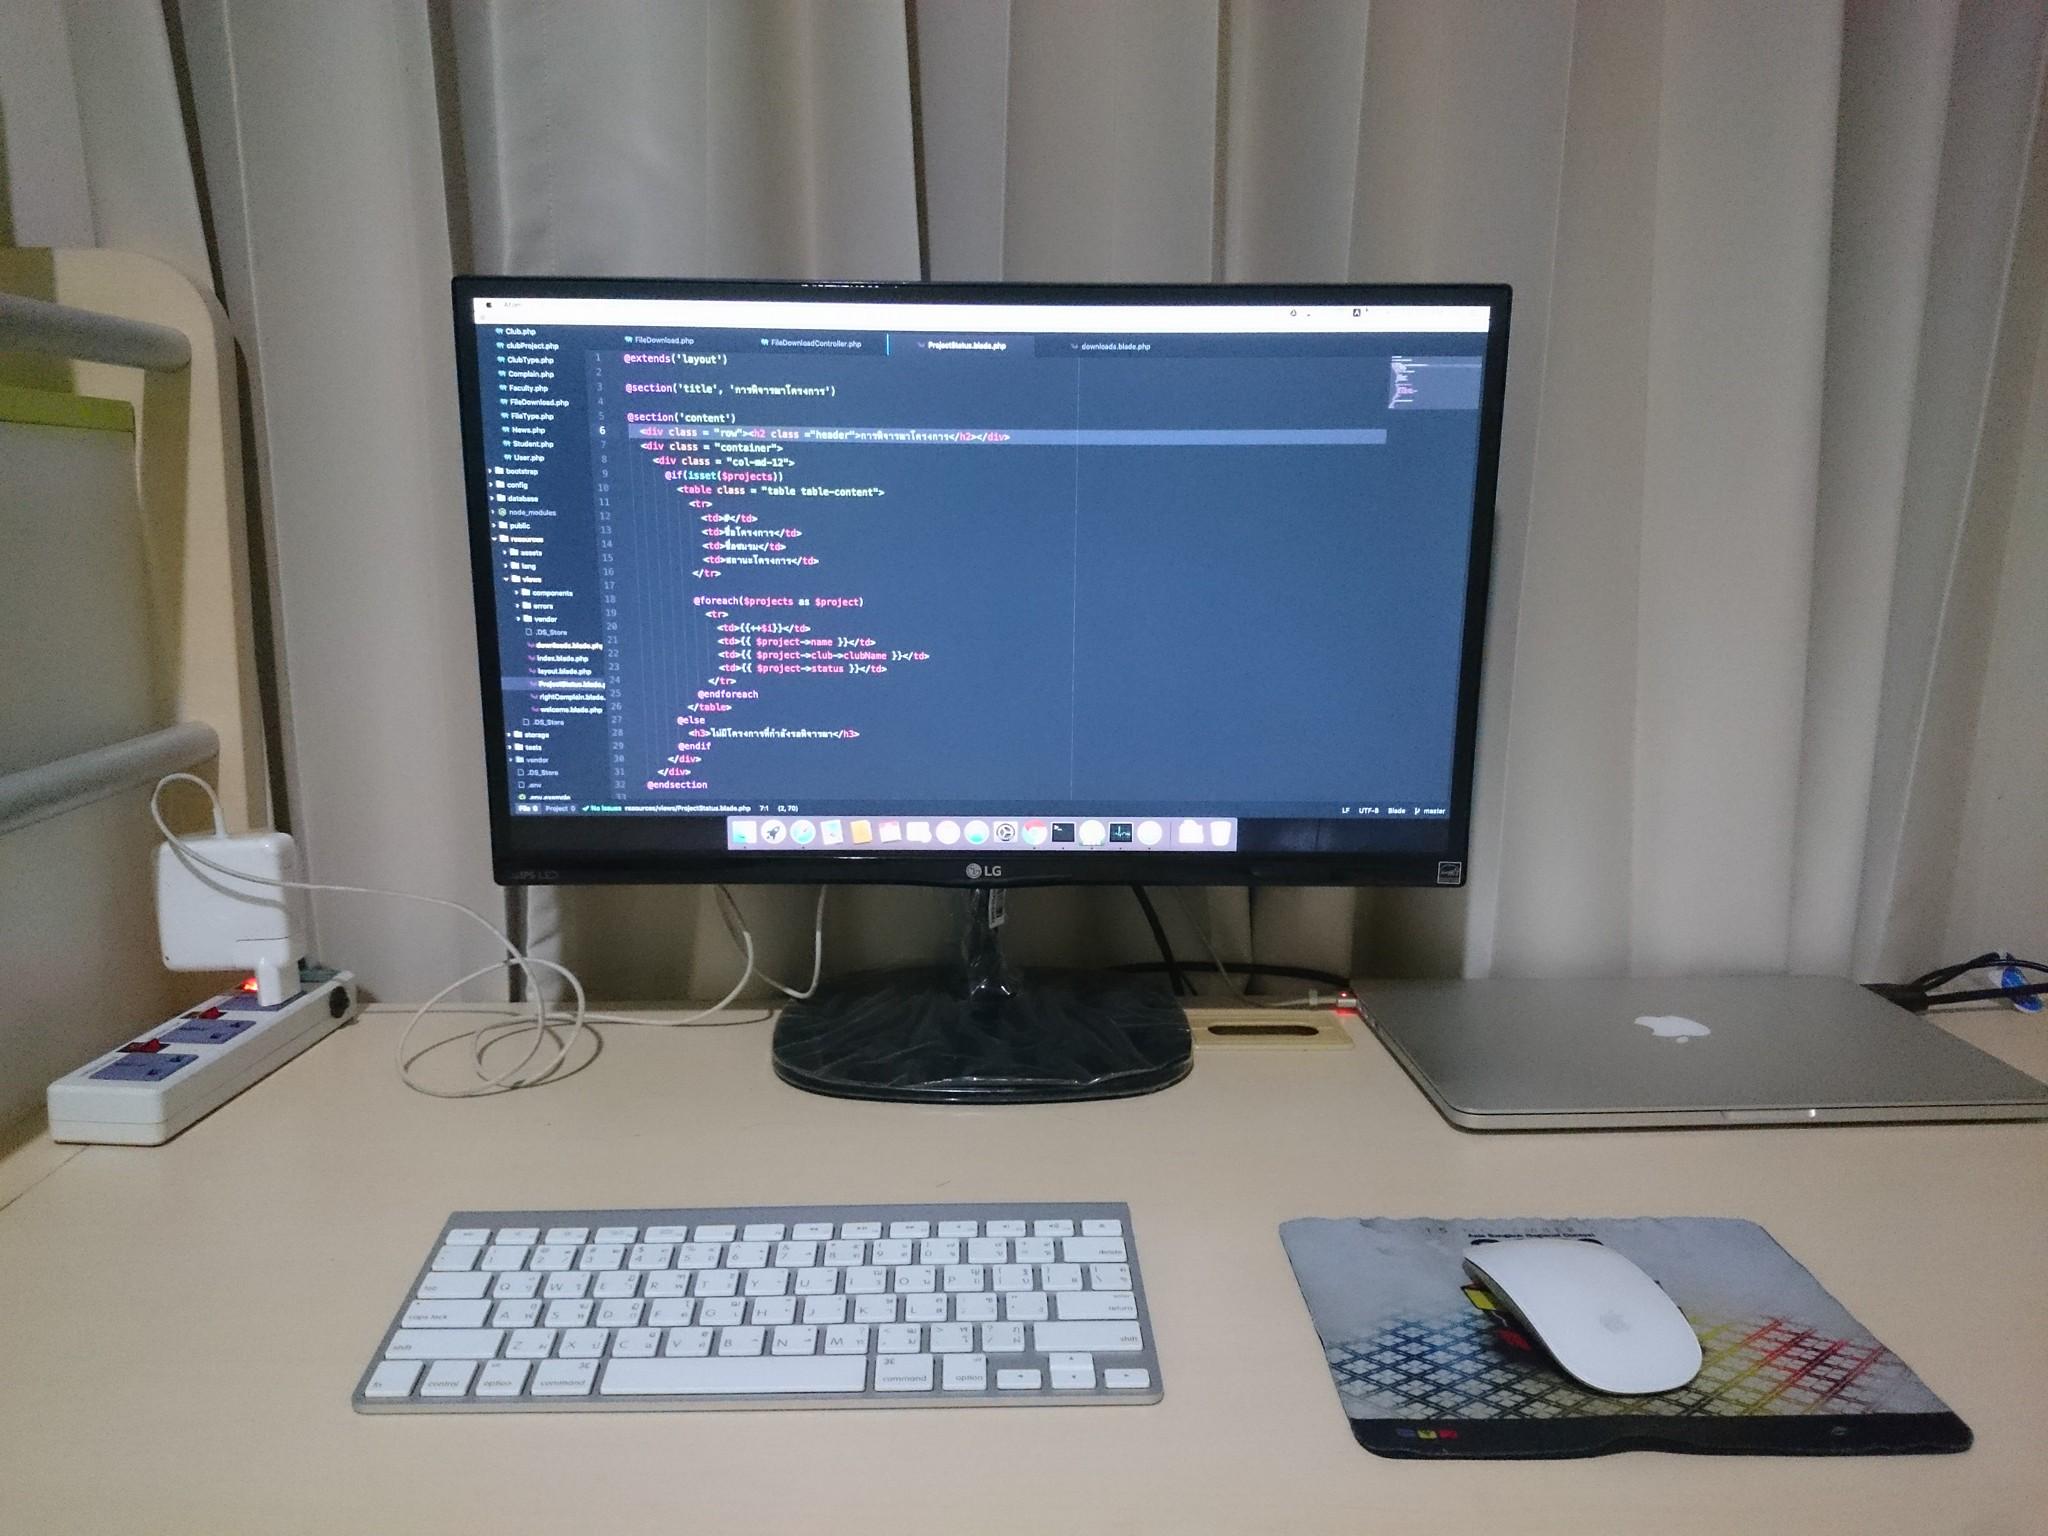 [ช่วงตอบคำถาม] Mac App ที่น่าสนใจ และใช้อยู่